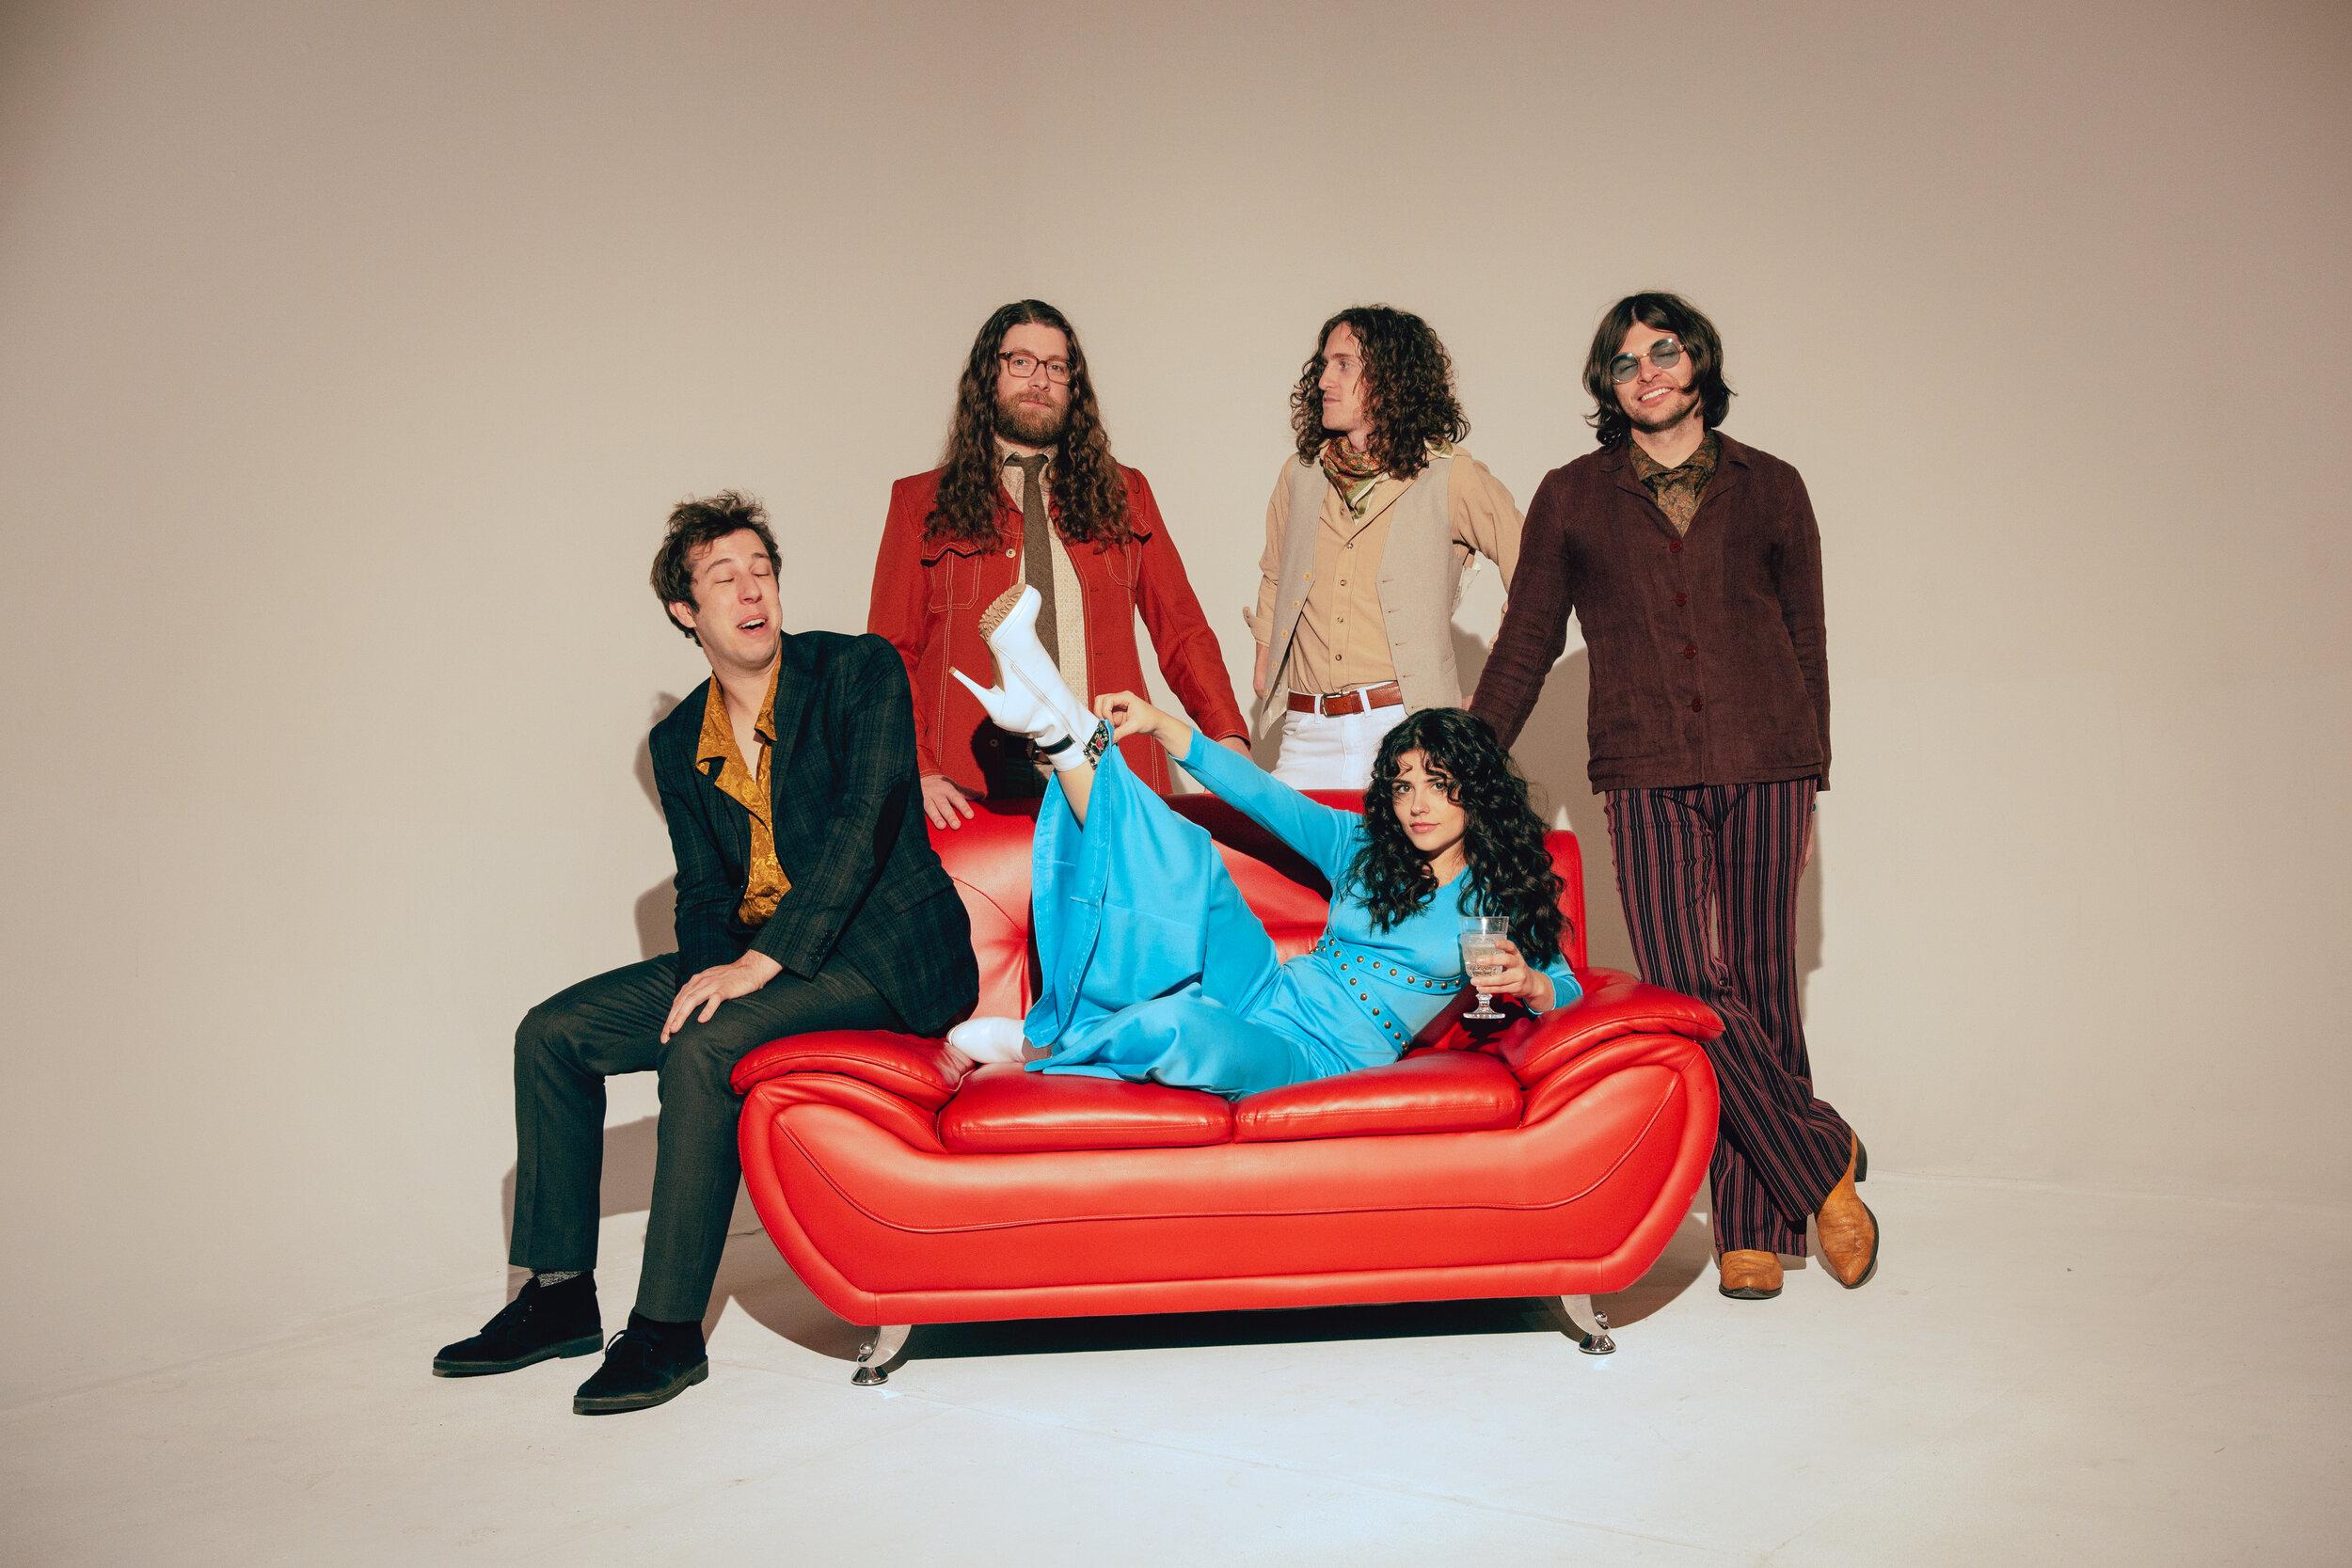 Roanoke (The Band)